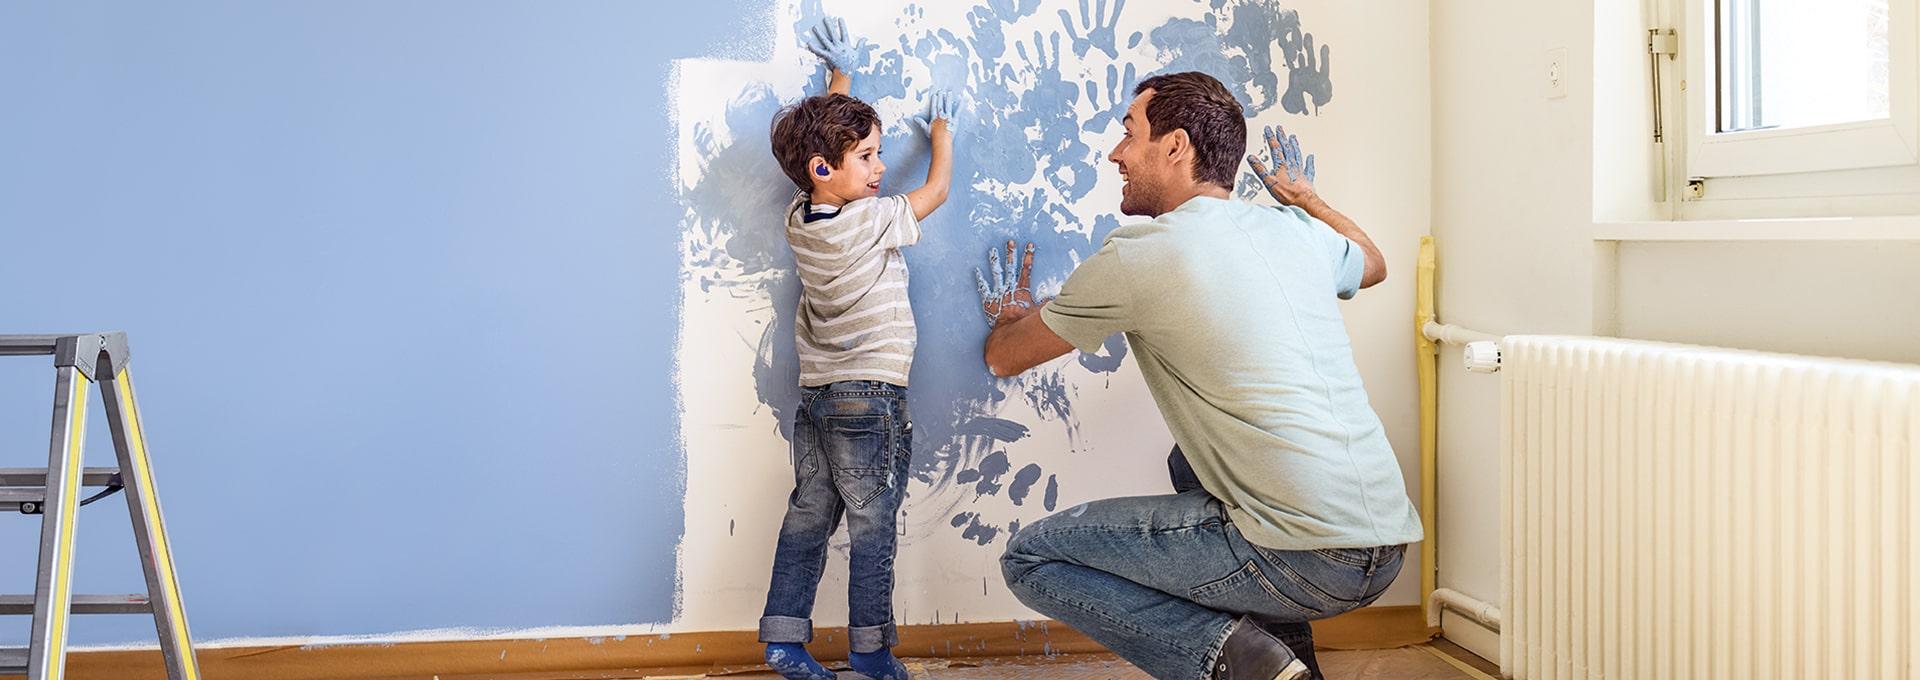 Père et fils avec les aides auditives Bernafon Leox Super Power   Ultra Power, peignant un mur et ajoutant spontanément des empreintes de mains.